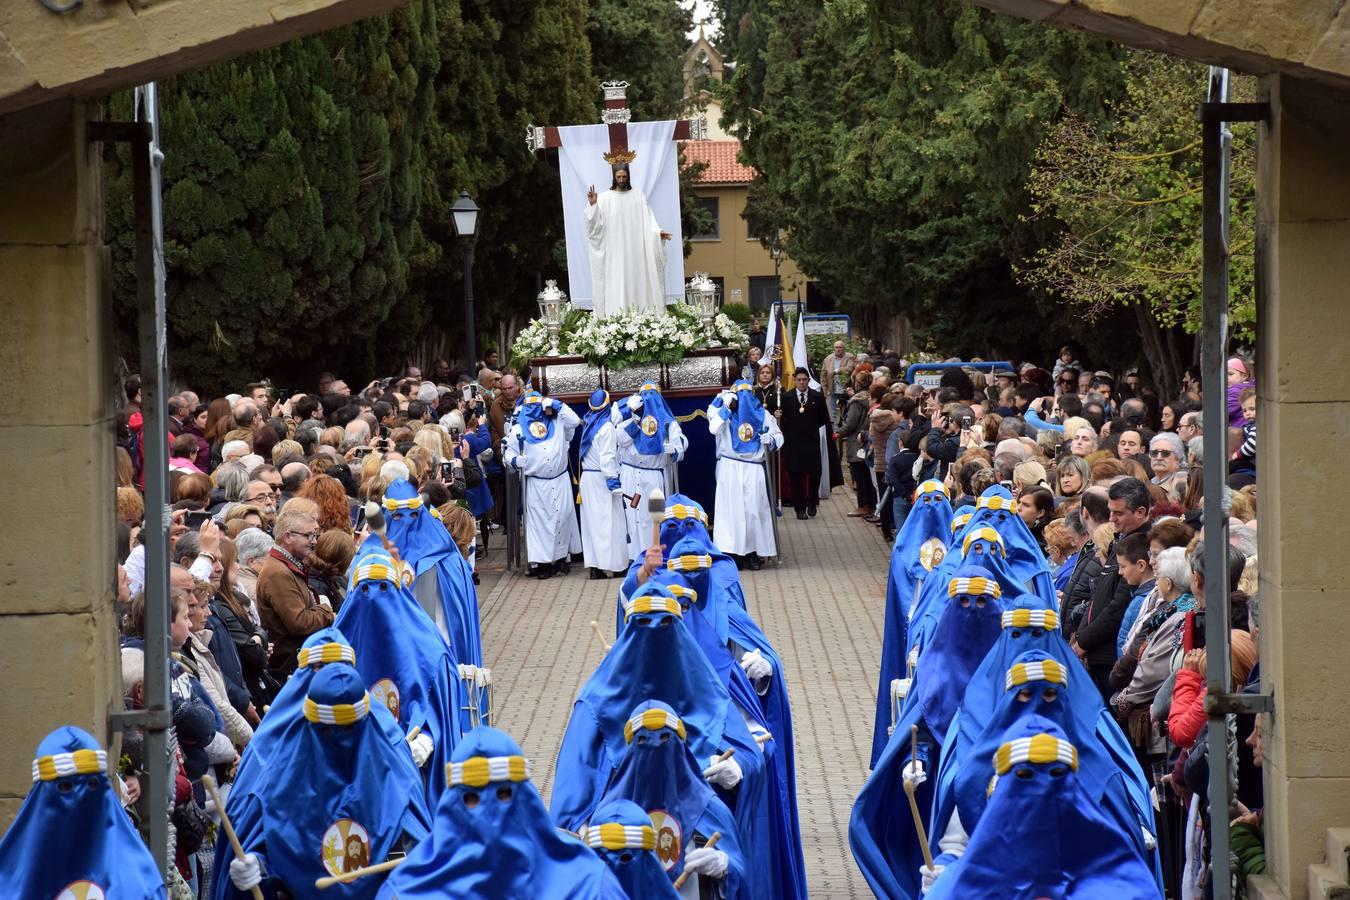 Saetas y mucha emoción en la procesión del Santo Cristo Resucitado de Logroño